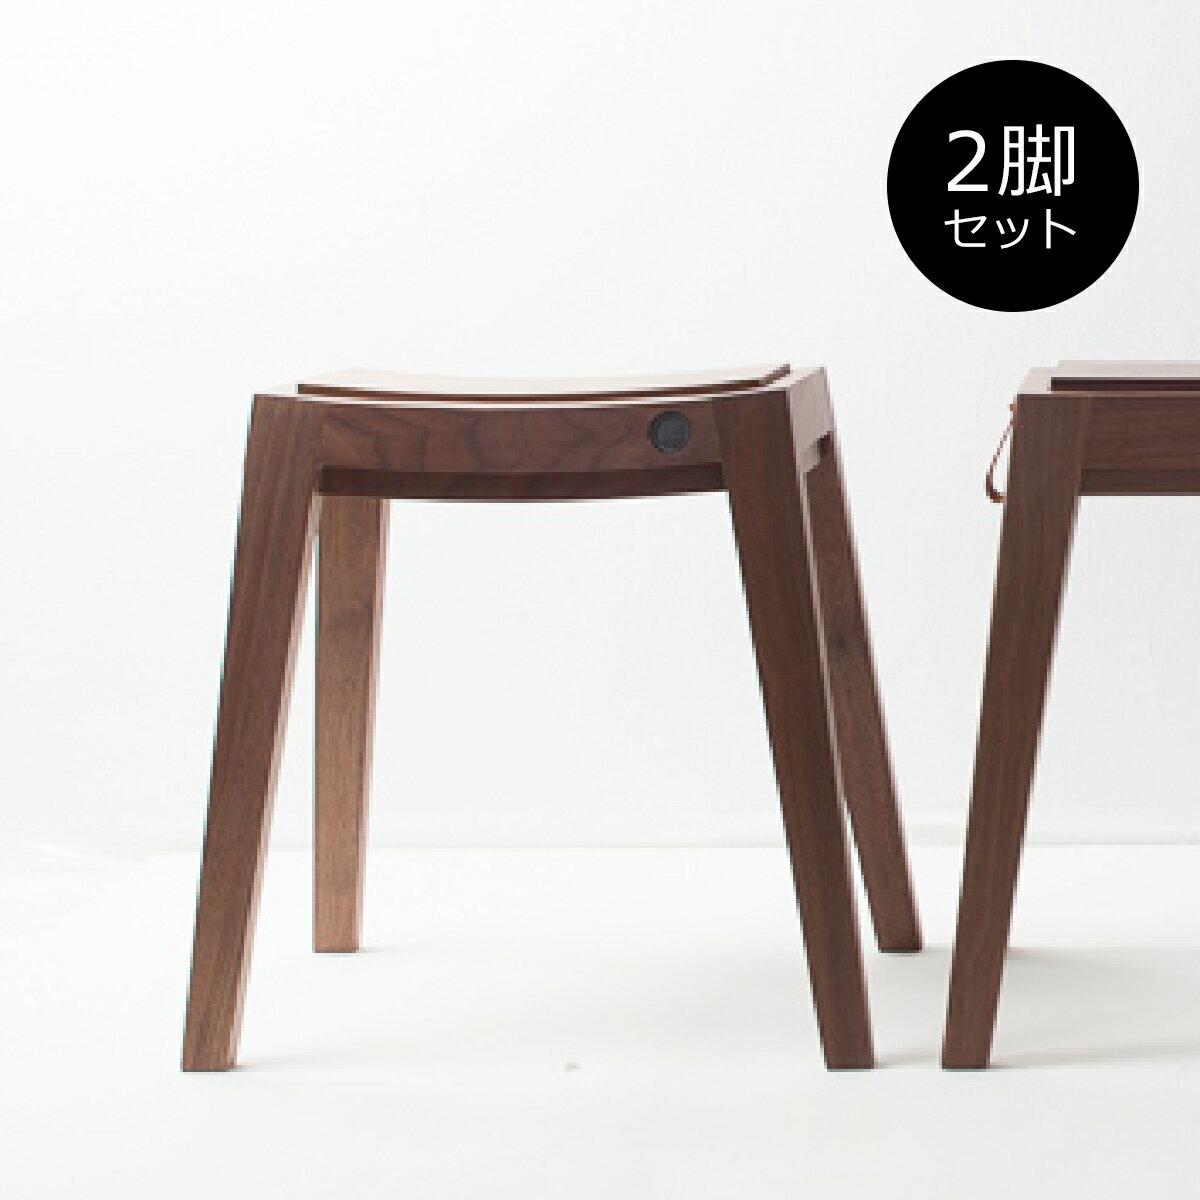 [お得なセット販売●b2c スタッキング・スツール(ウォールナット)2脚セット] (by_sarasa-design)